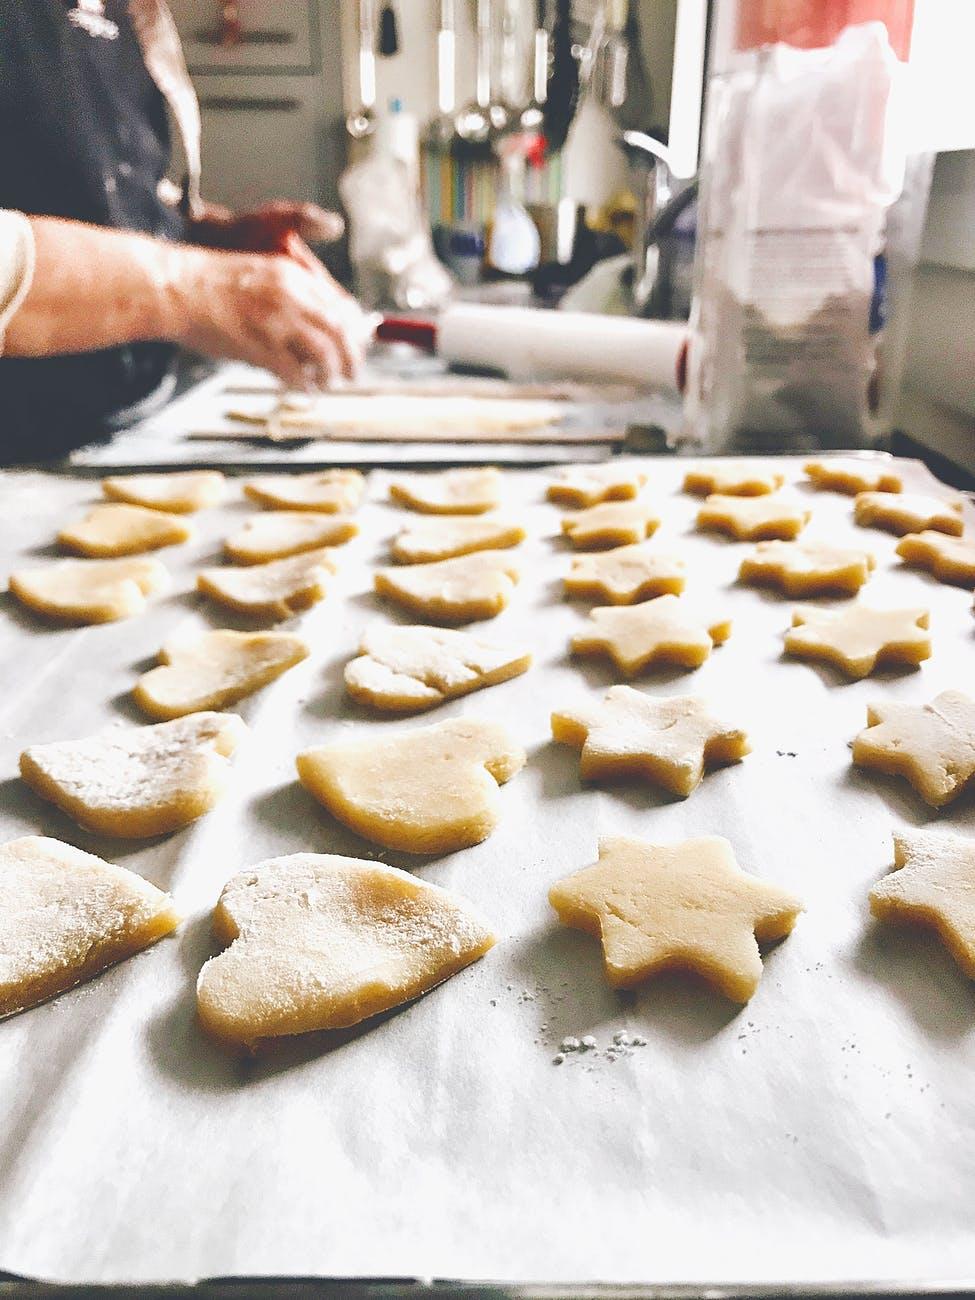 Empresa de productos químicos para la industria panadera